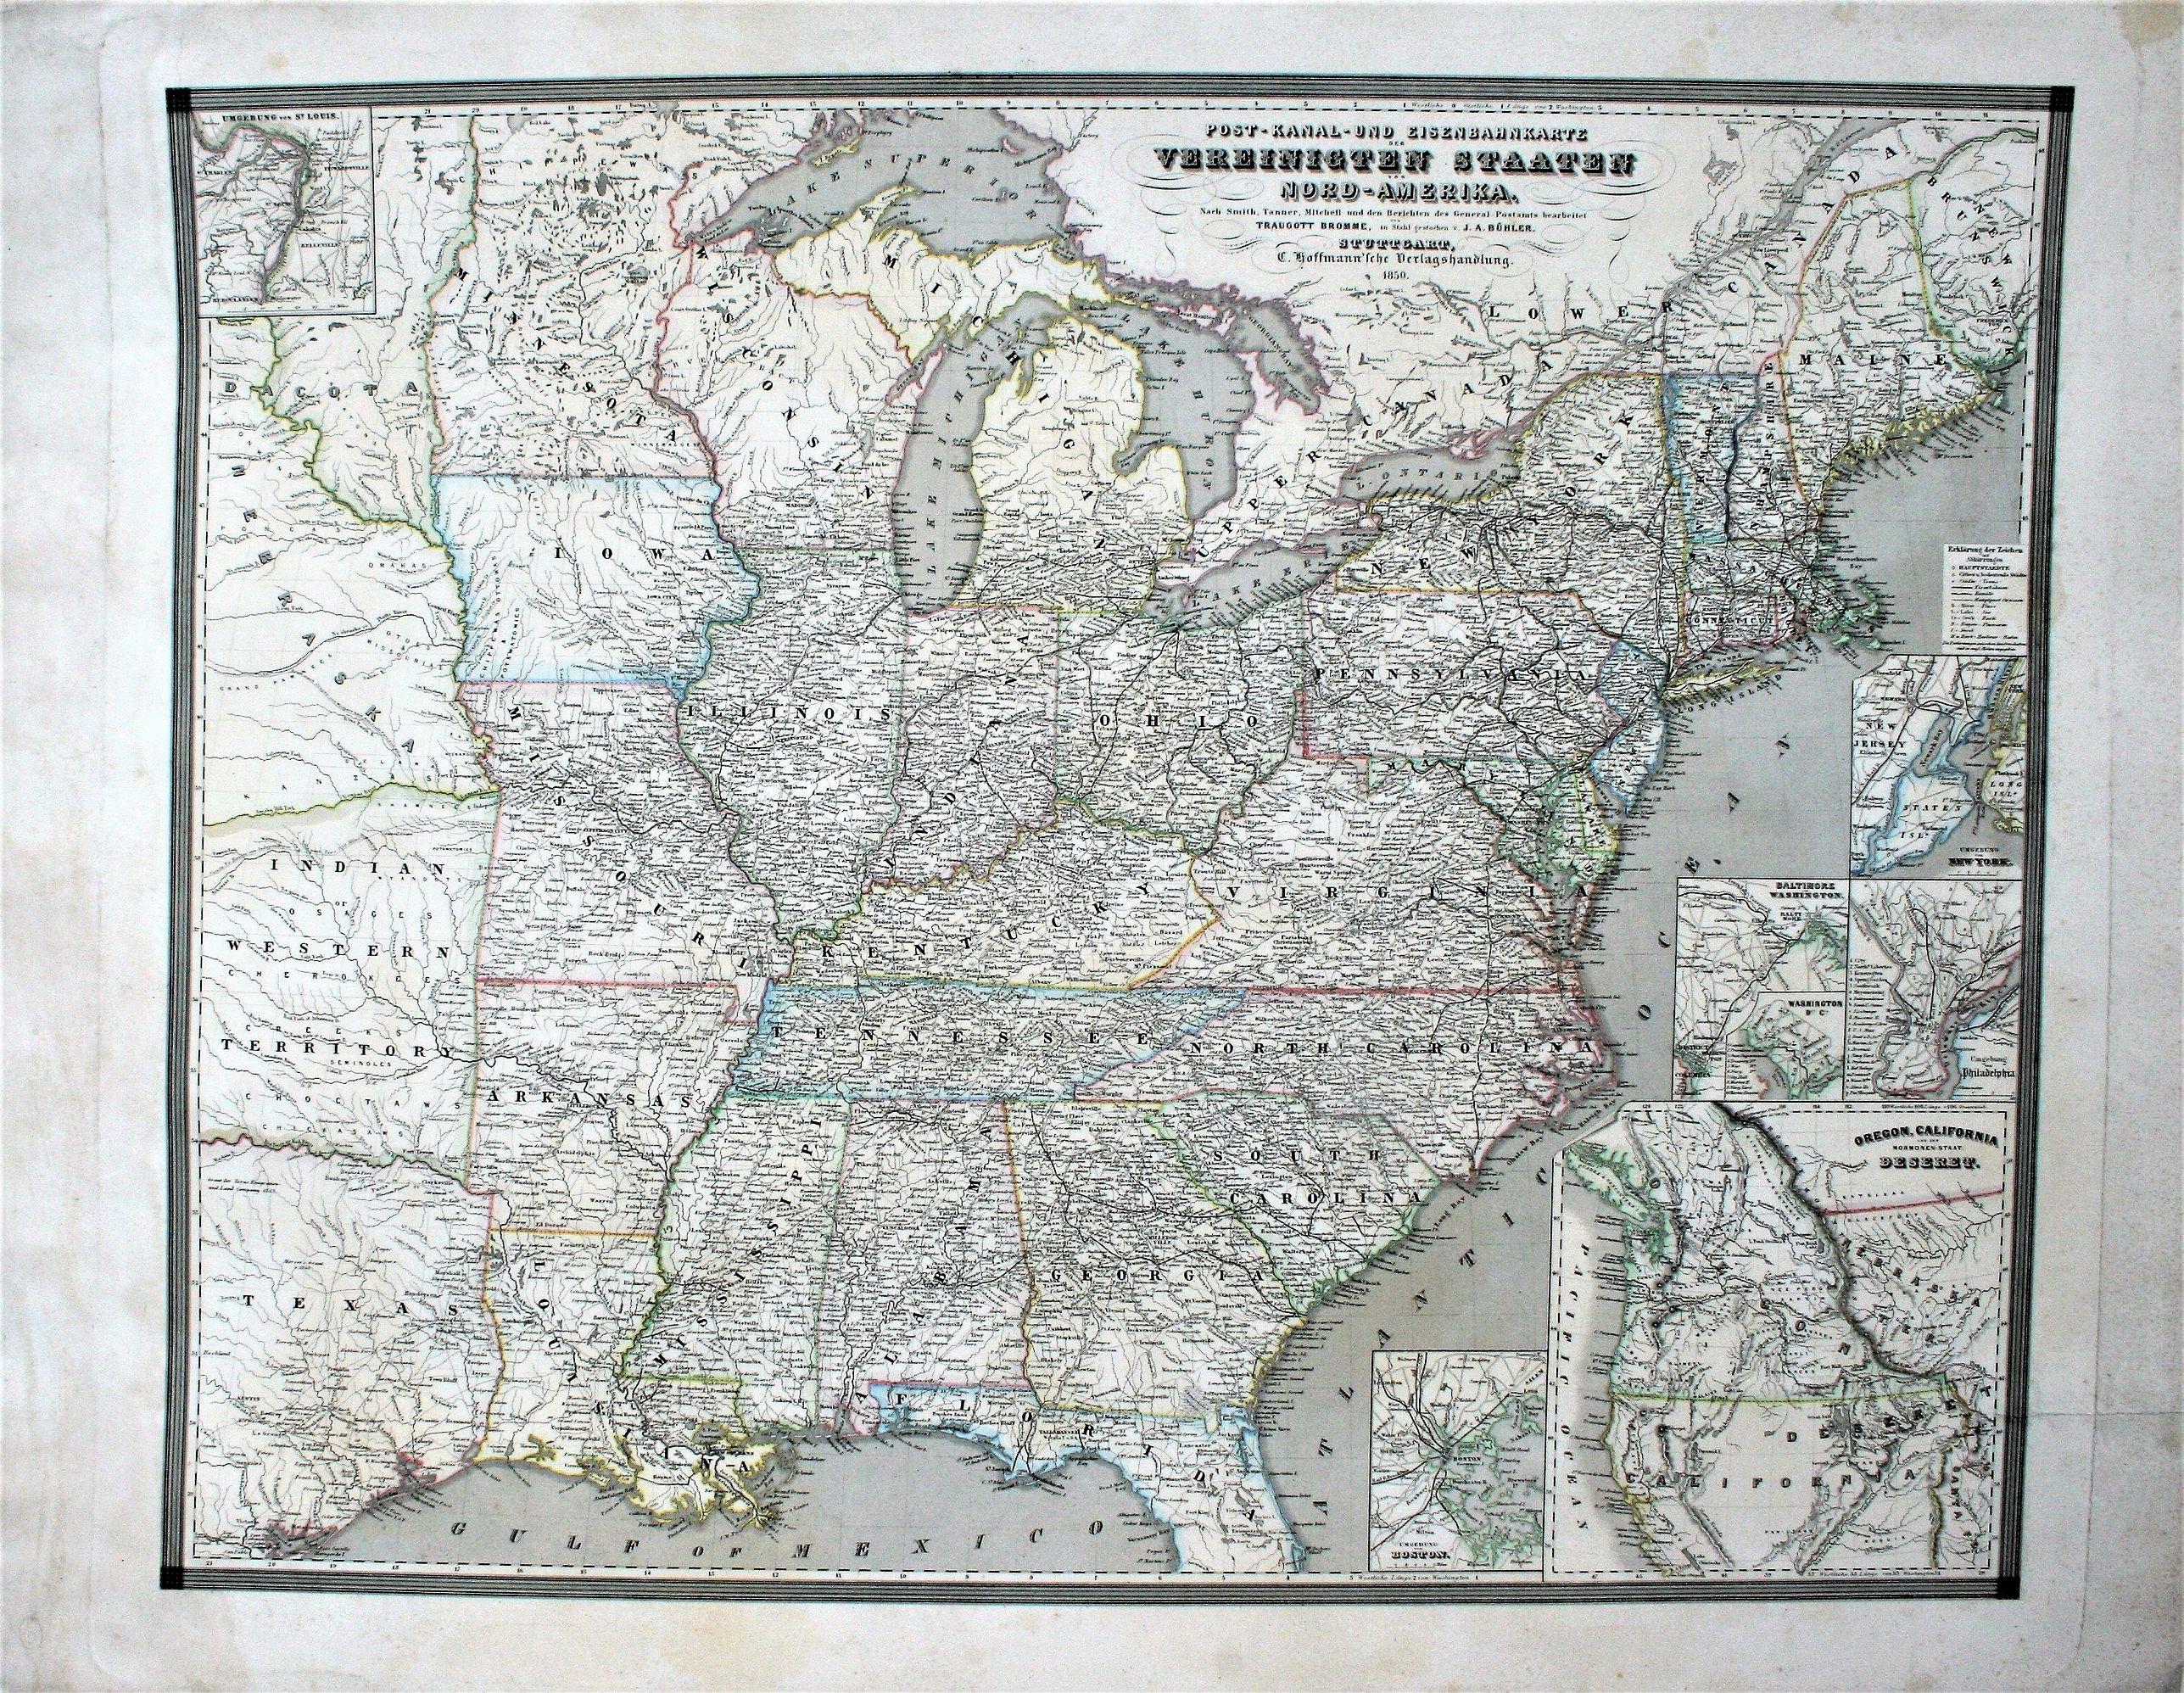 BUEHLER, J. A.  - Post-Kanal-und Eisenbahnkarte der Vereinigten Staaten von Nord-Amerika. Nach Smith, Tanner, Mitchell und der Berichten des General-Postamts. . .